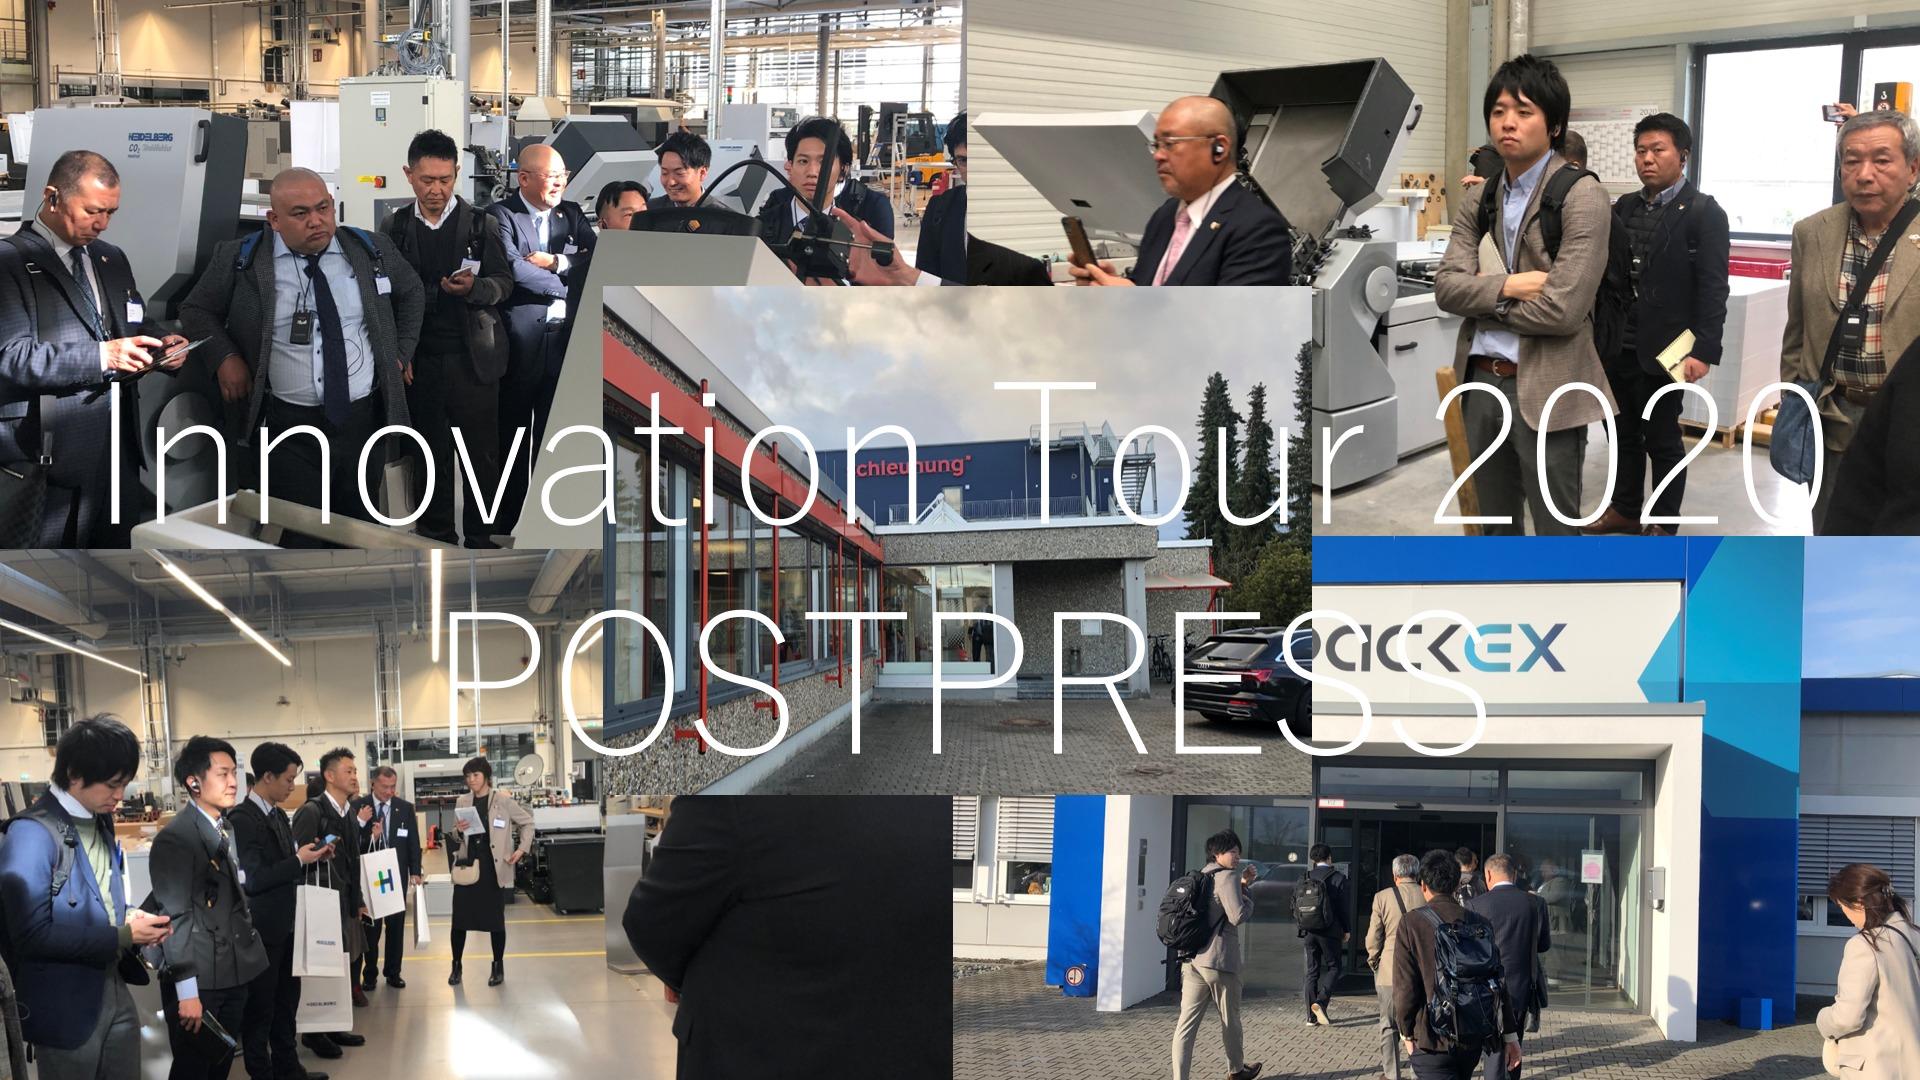 イノベーションツアー2020 – ポストプレス –